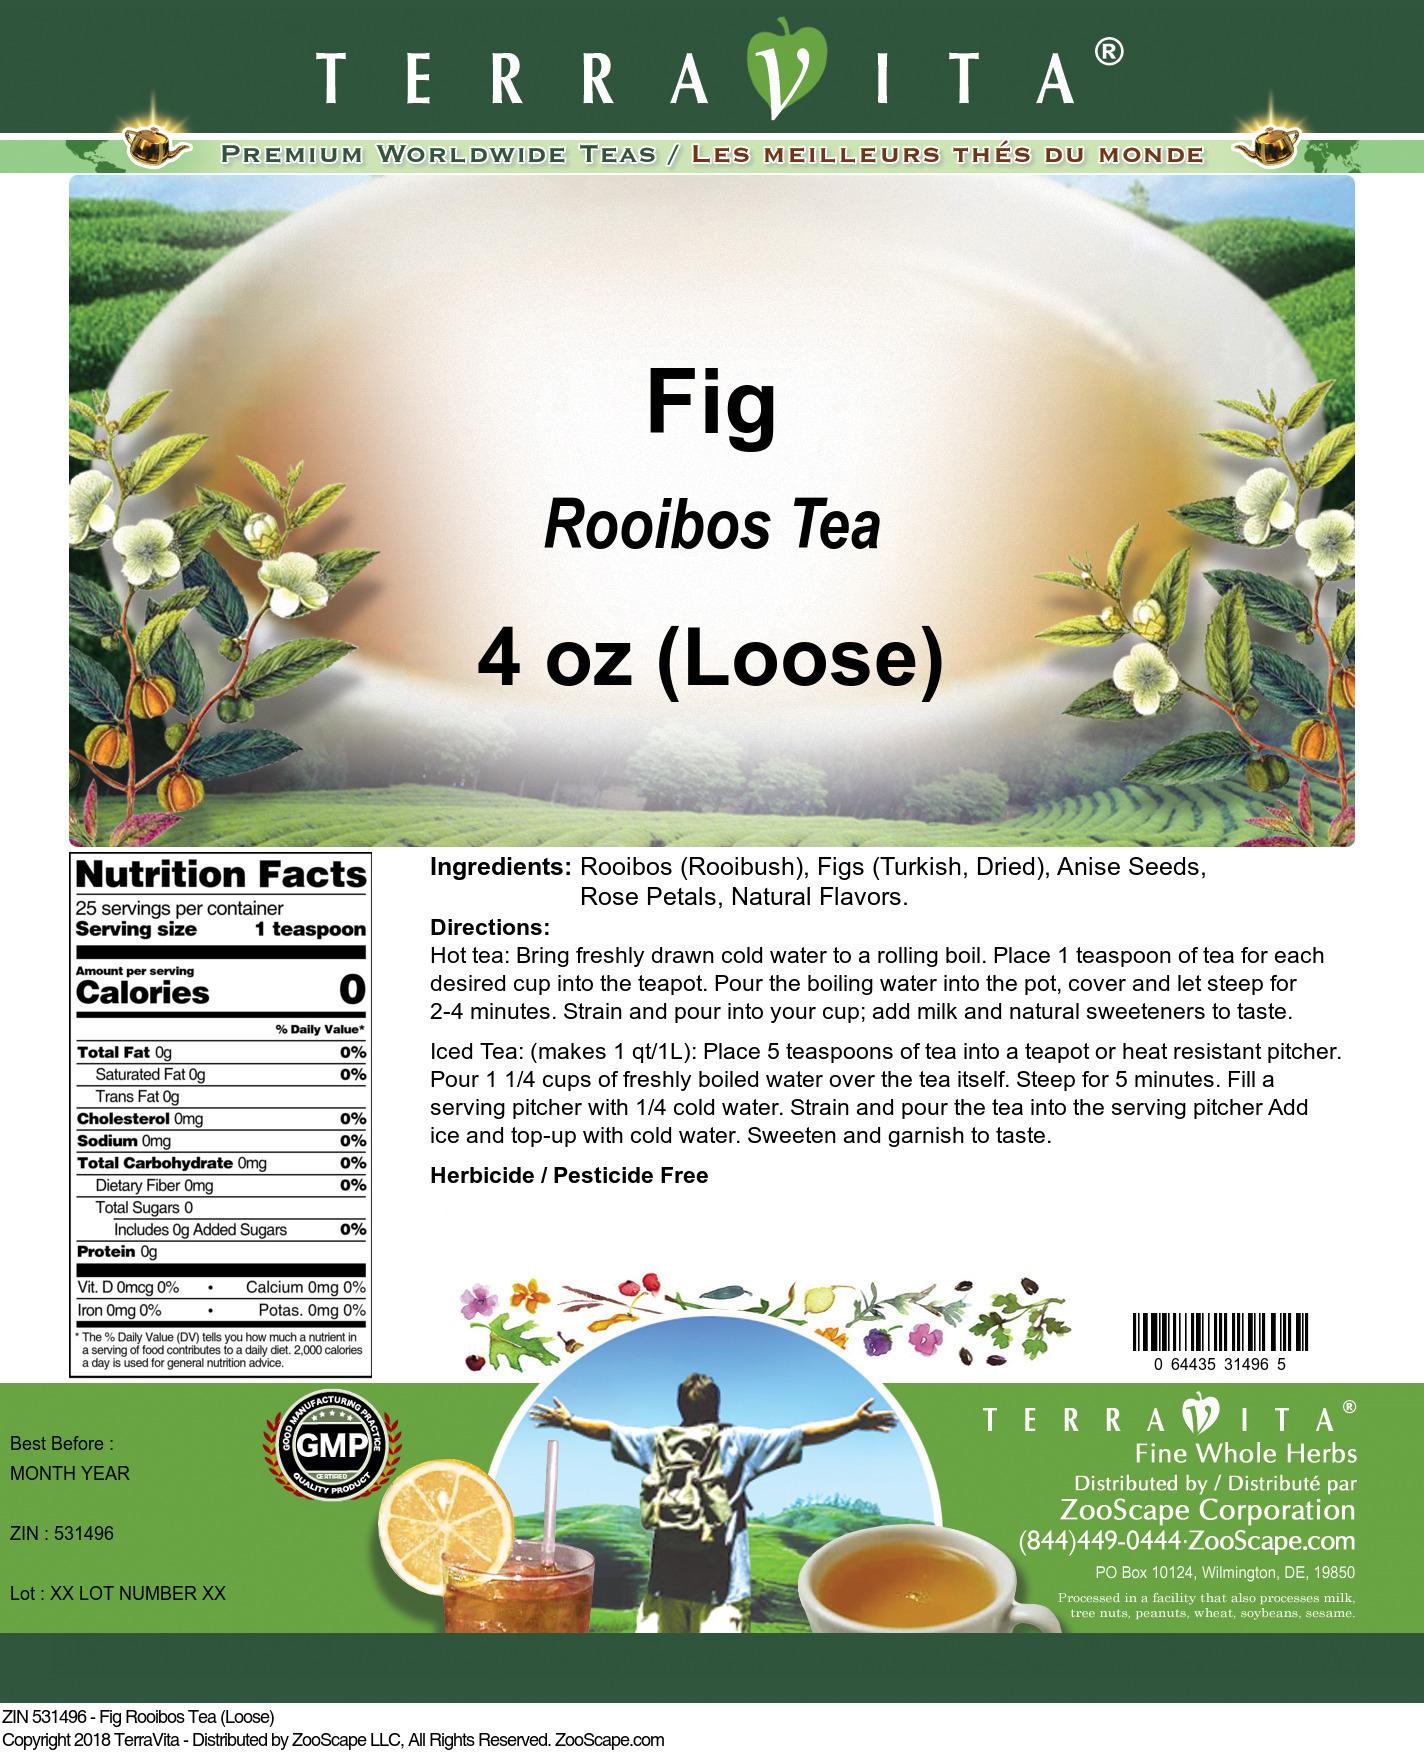 Fig Rooibos Tea (Loose)